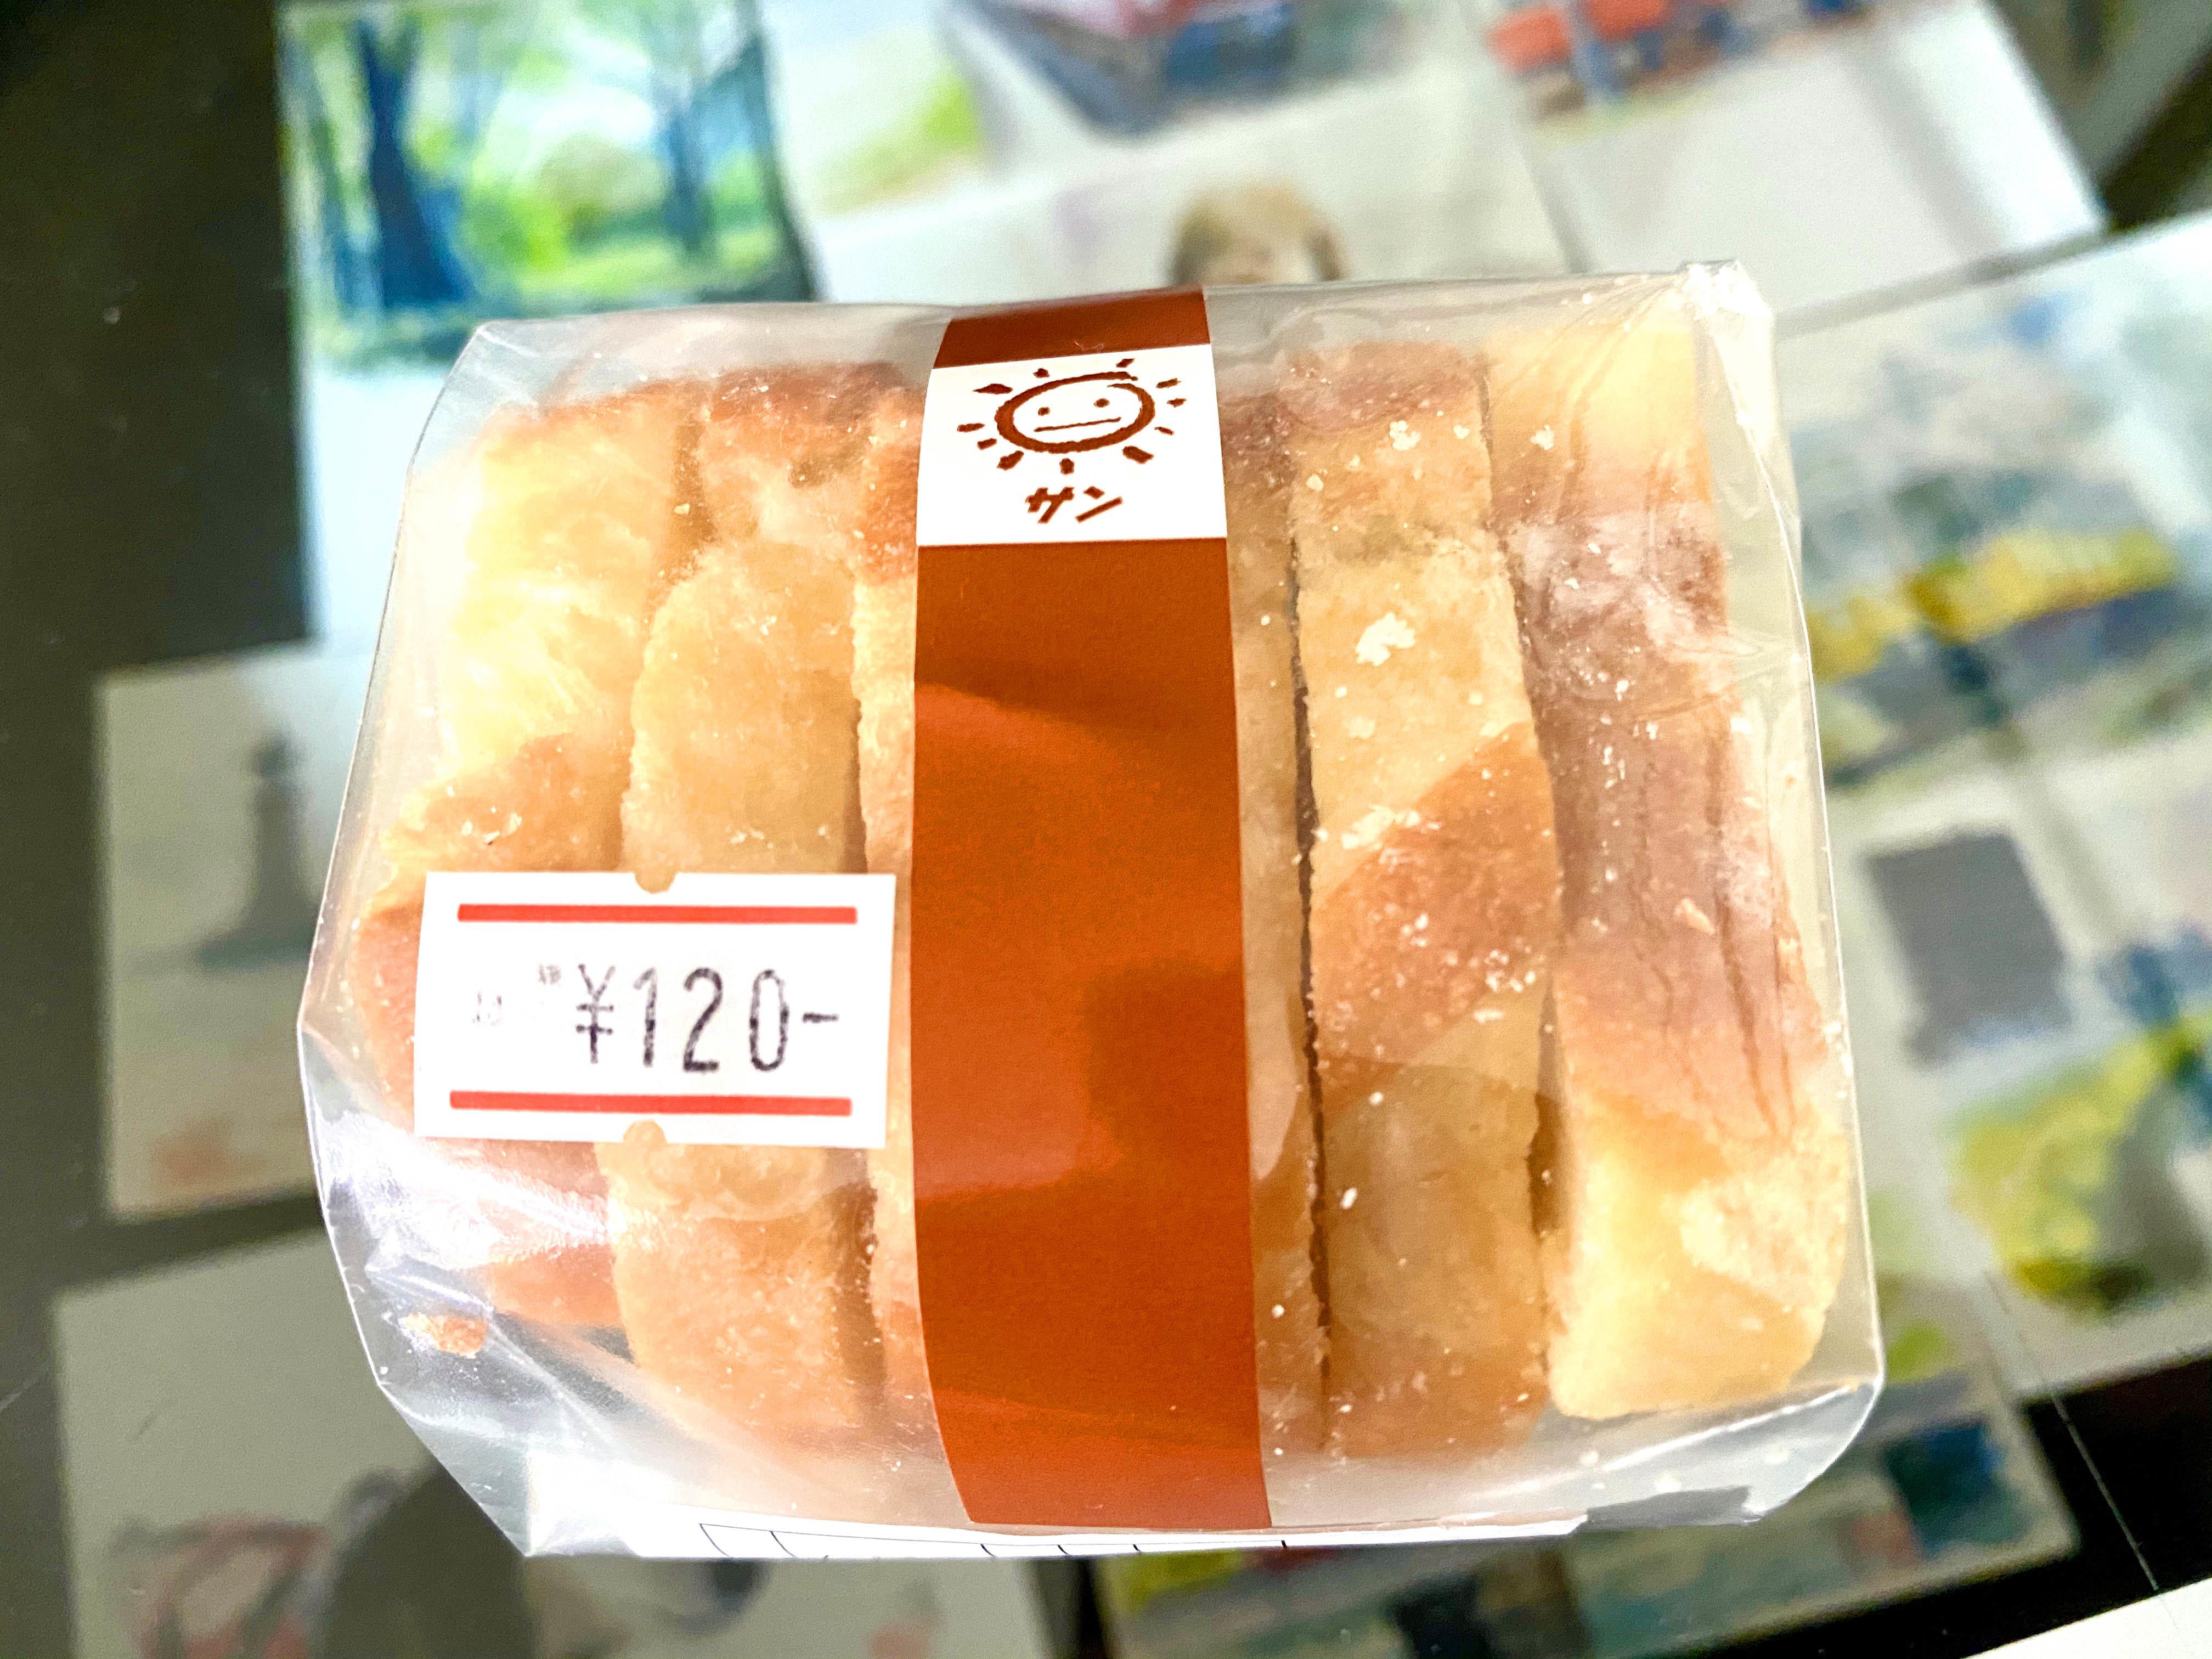 プレーンラスク 120円